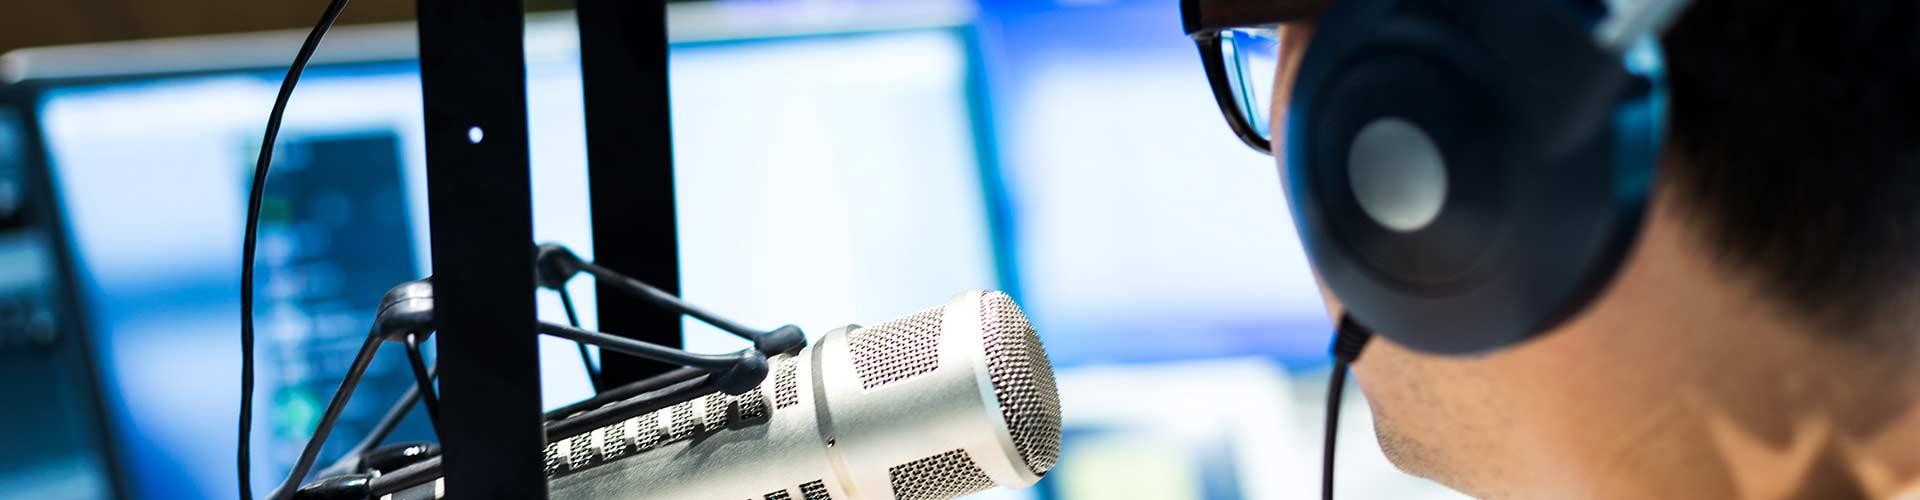 Befristung eines Producers einer Rundfunkanstalt